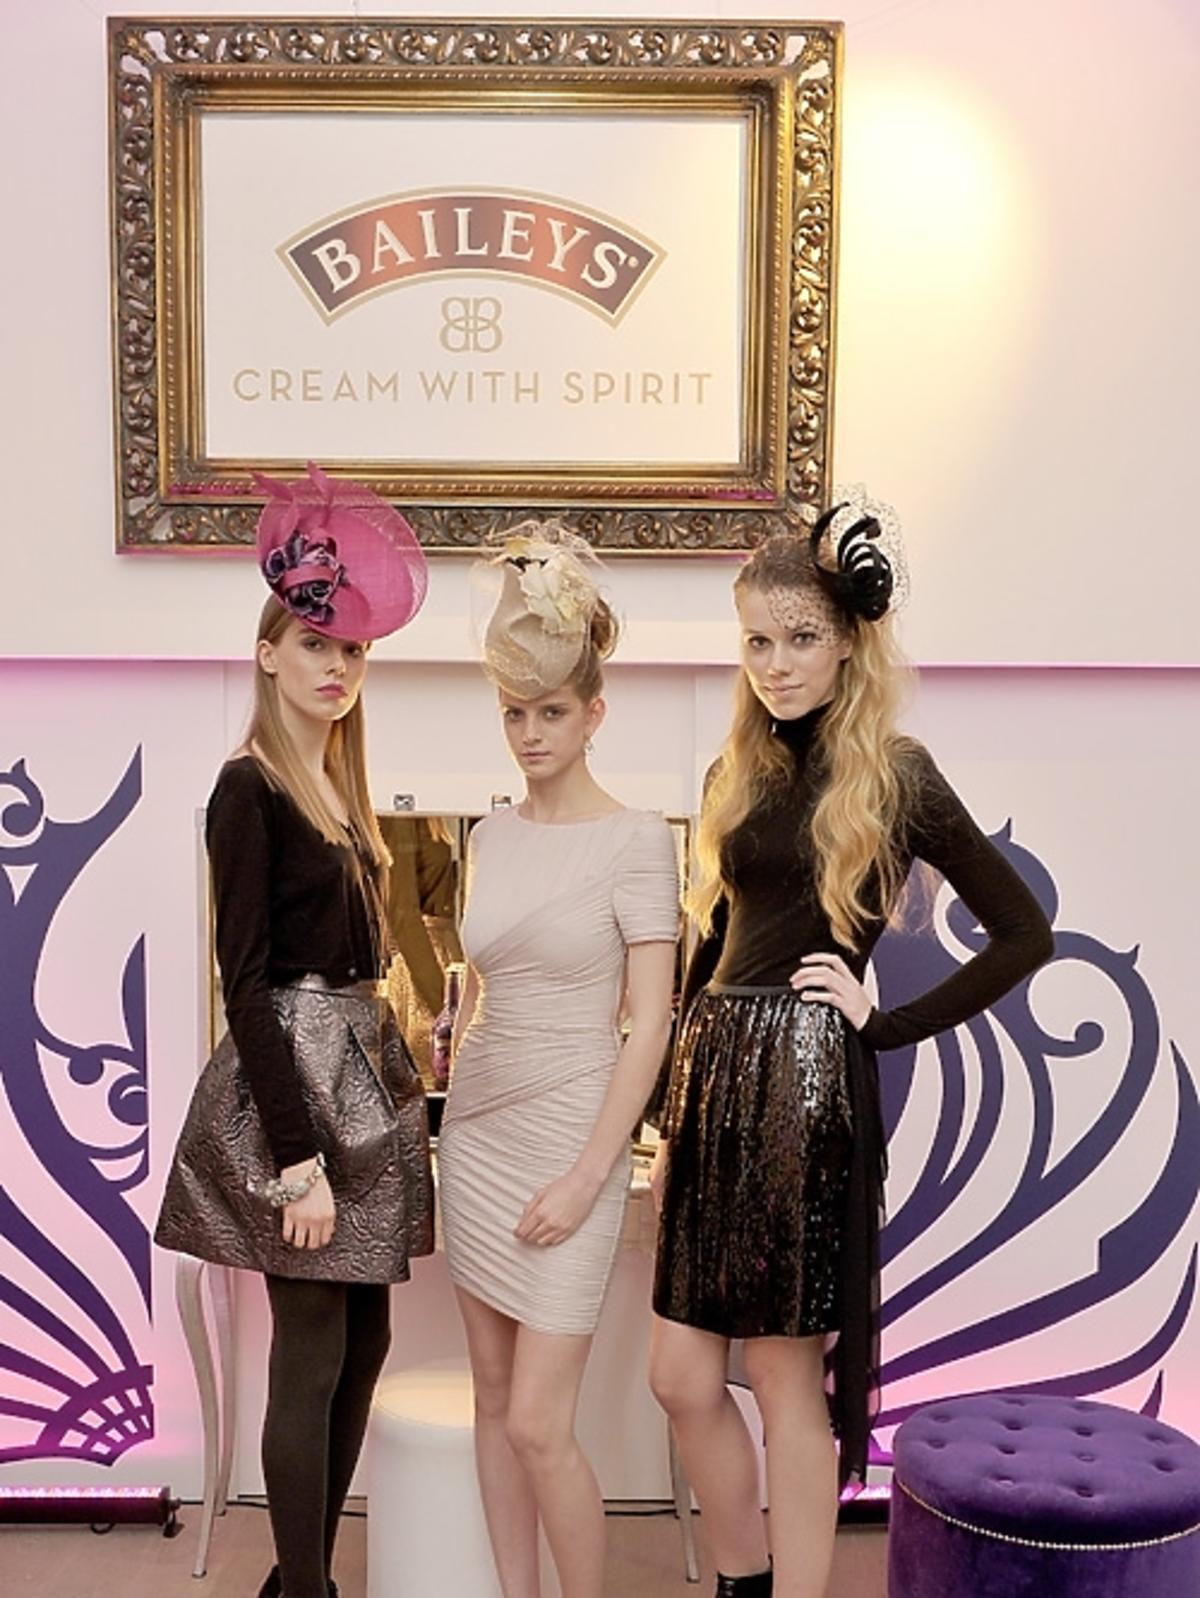 Prezentacja kolekcji Baileys by Philip Treacy